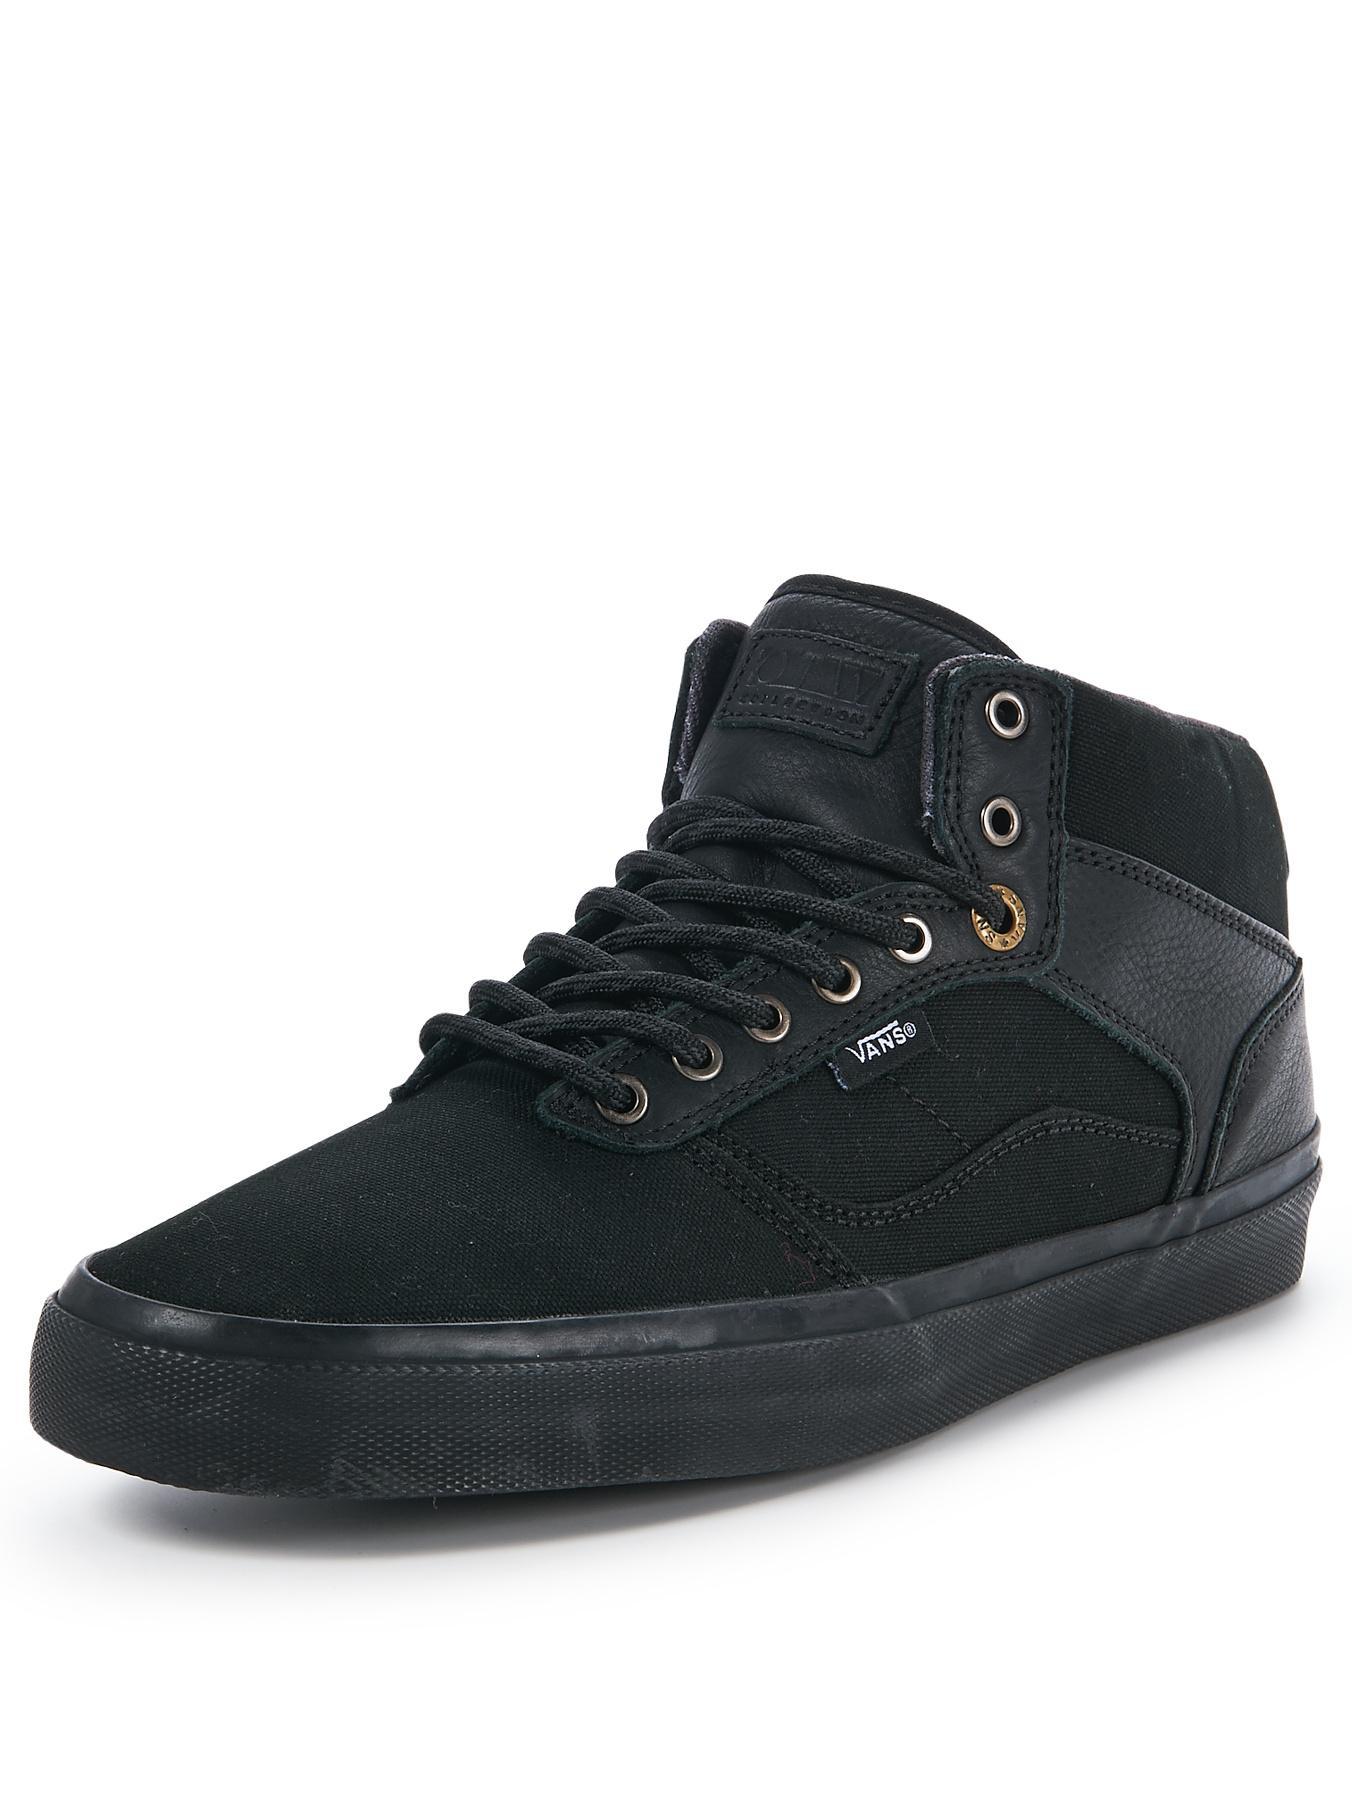 Vans Mens Bedford Skate Trainers - Black, Black